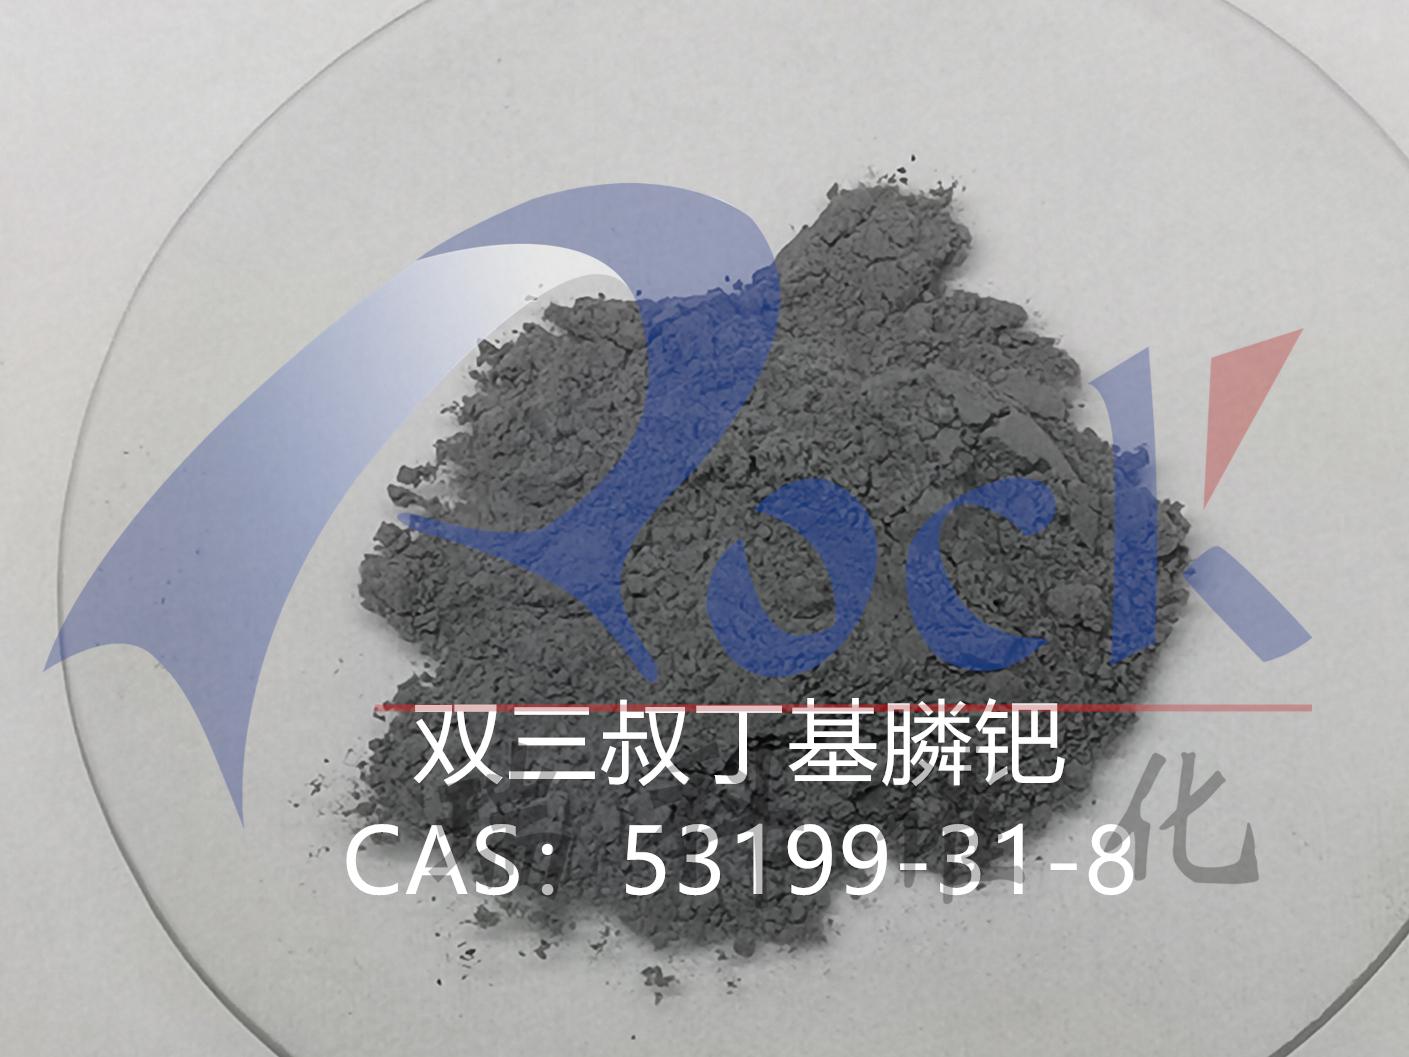 双三叔丁基膦钯CAS:53199-31-8(1g装)